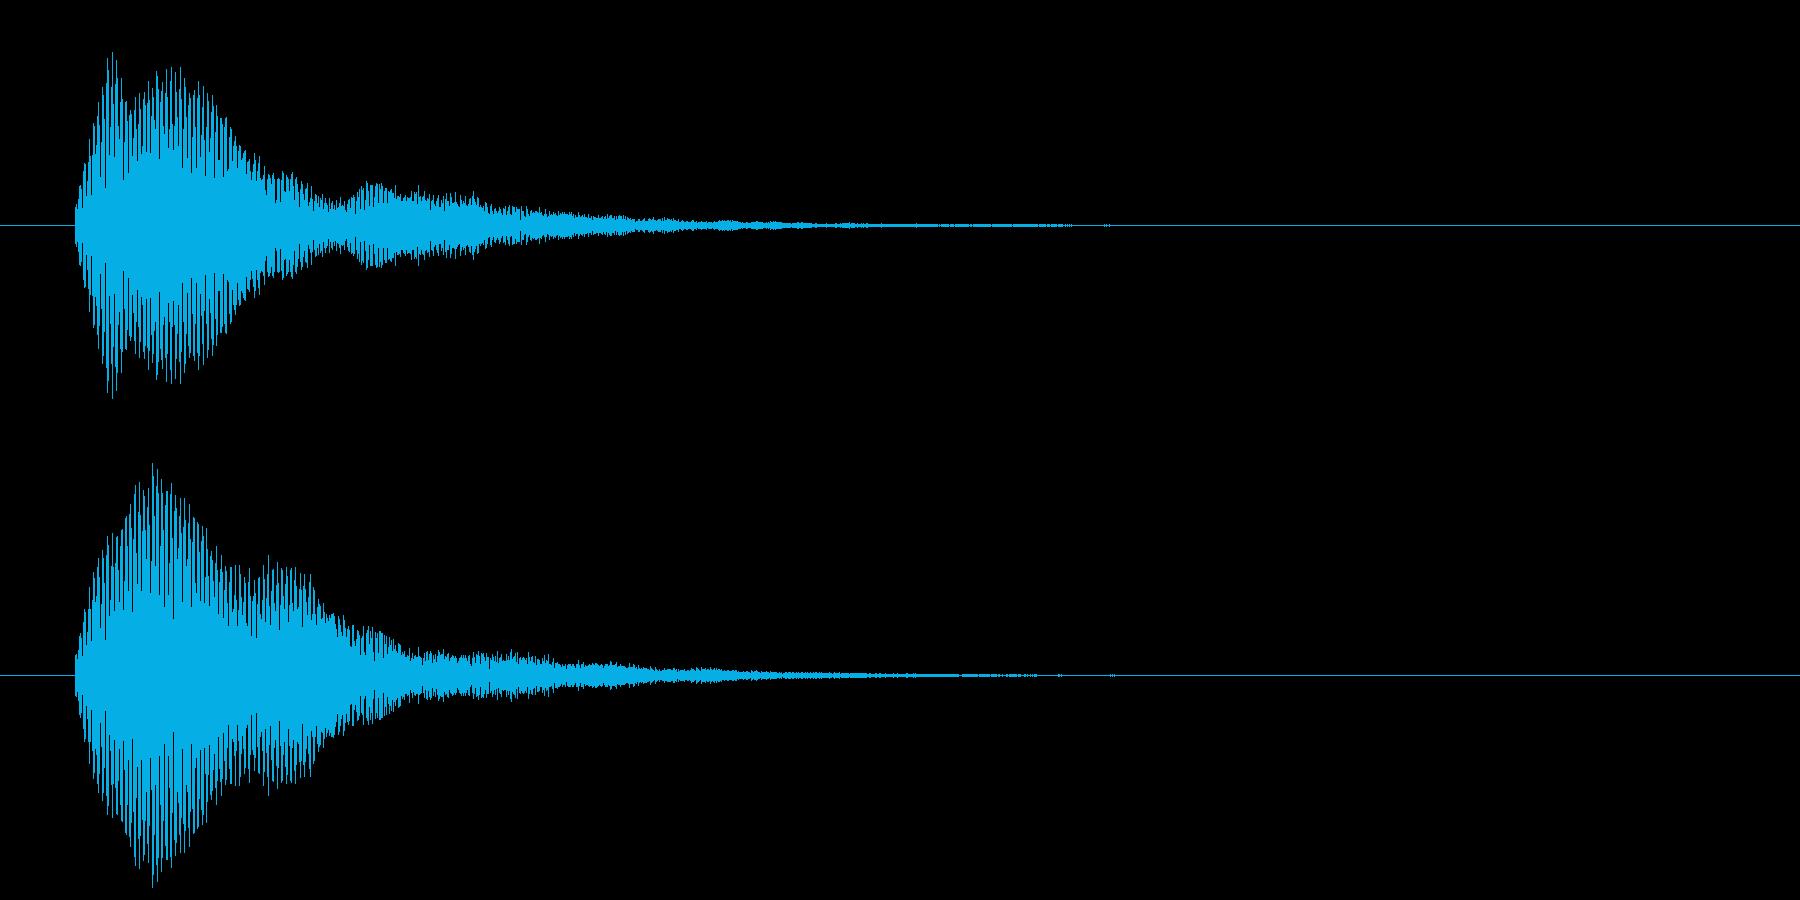 古いパソコンの終了音風ジングル3の再生済みの波形